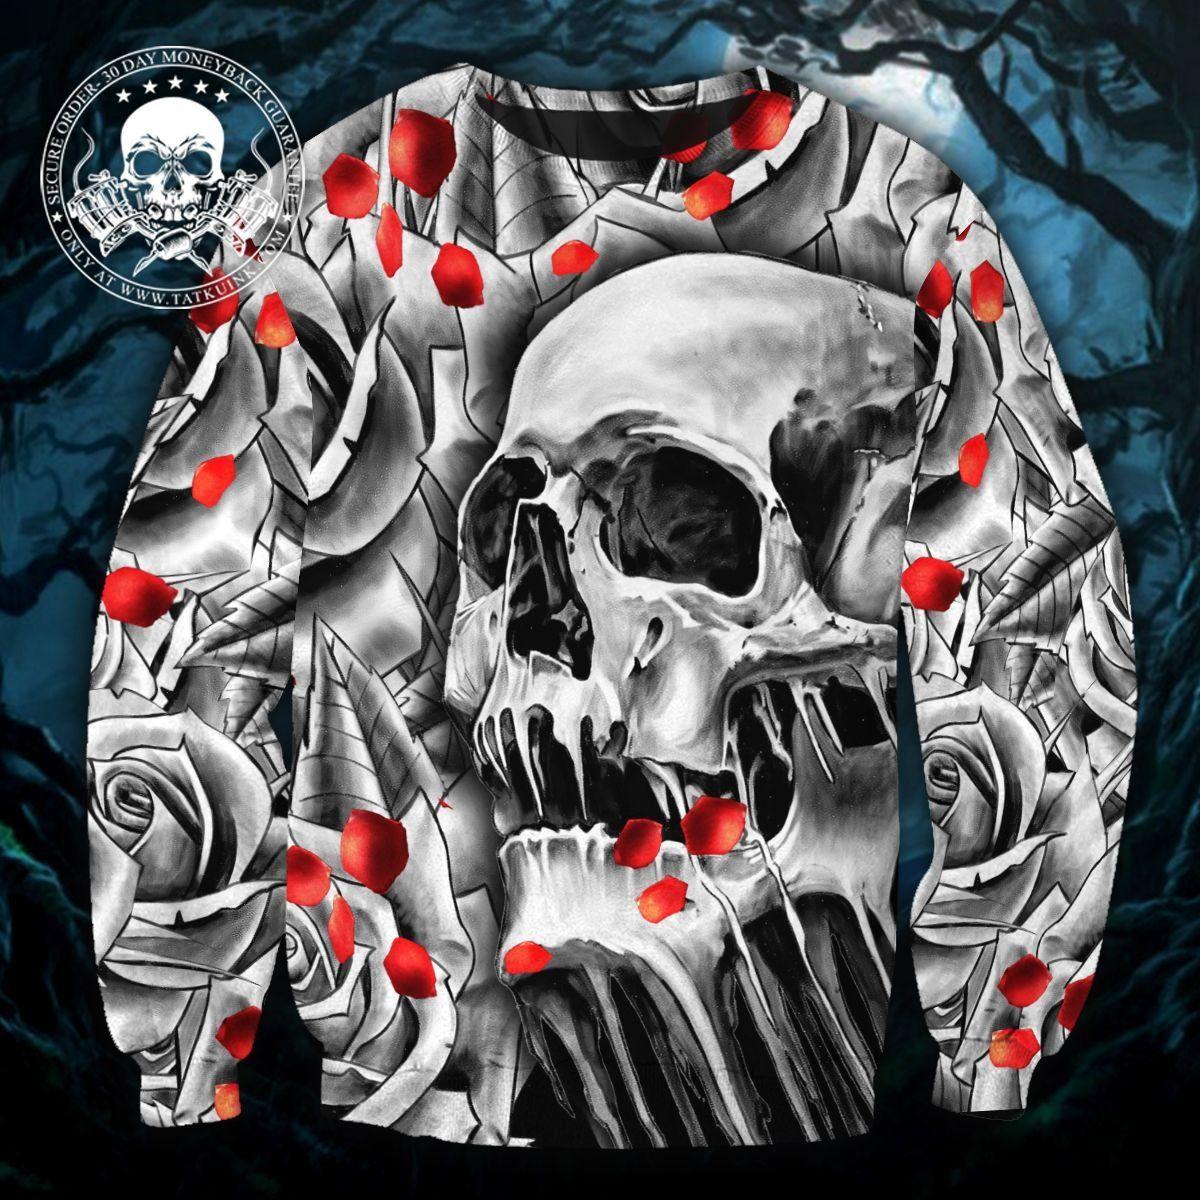 Death Rose Skull 3D Tees & Hoodies - 3D SWEATSHIRT / XXL